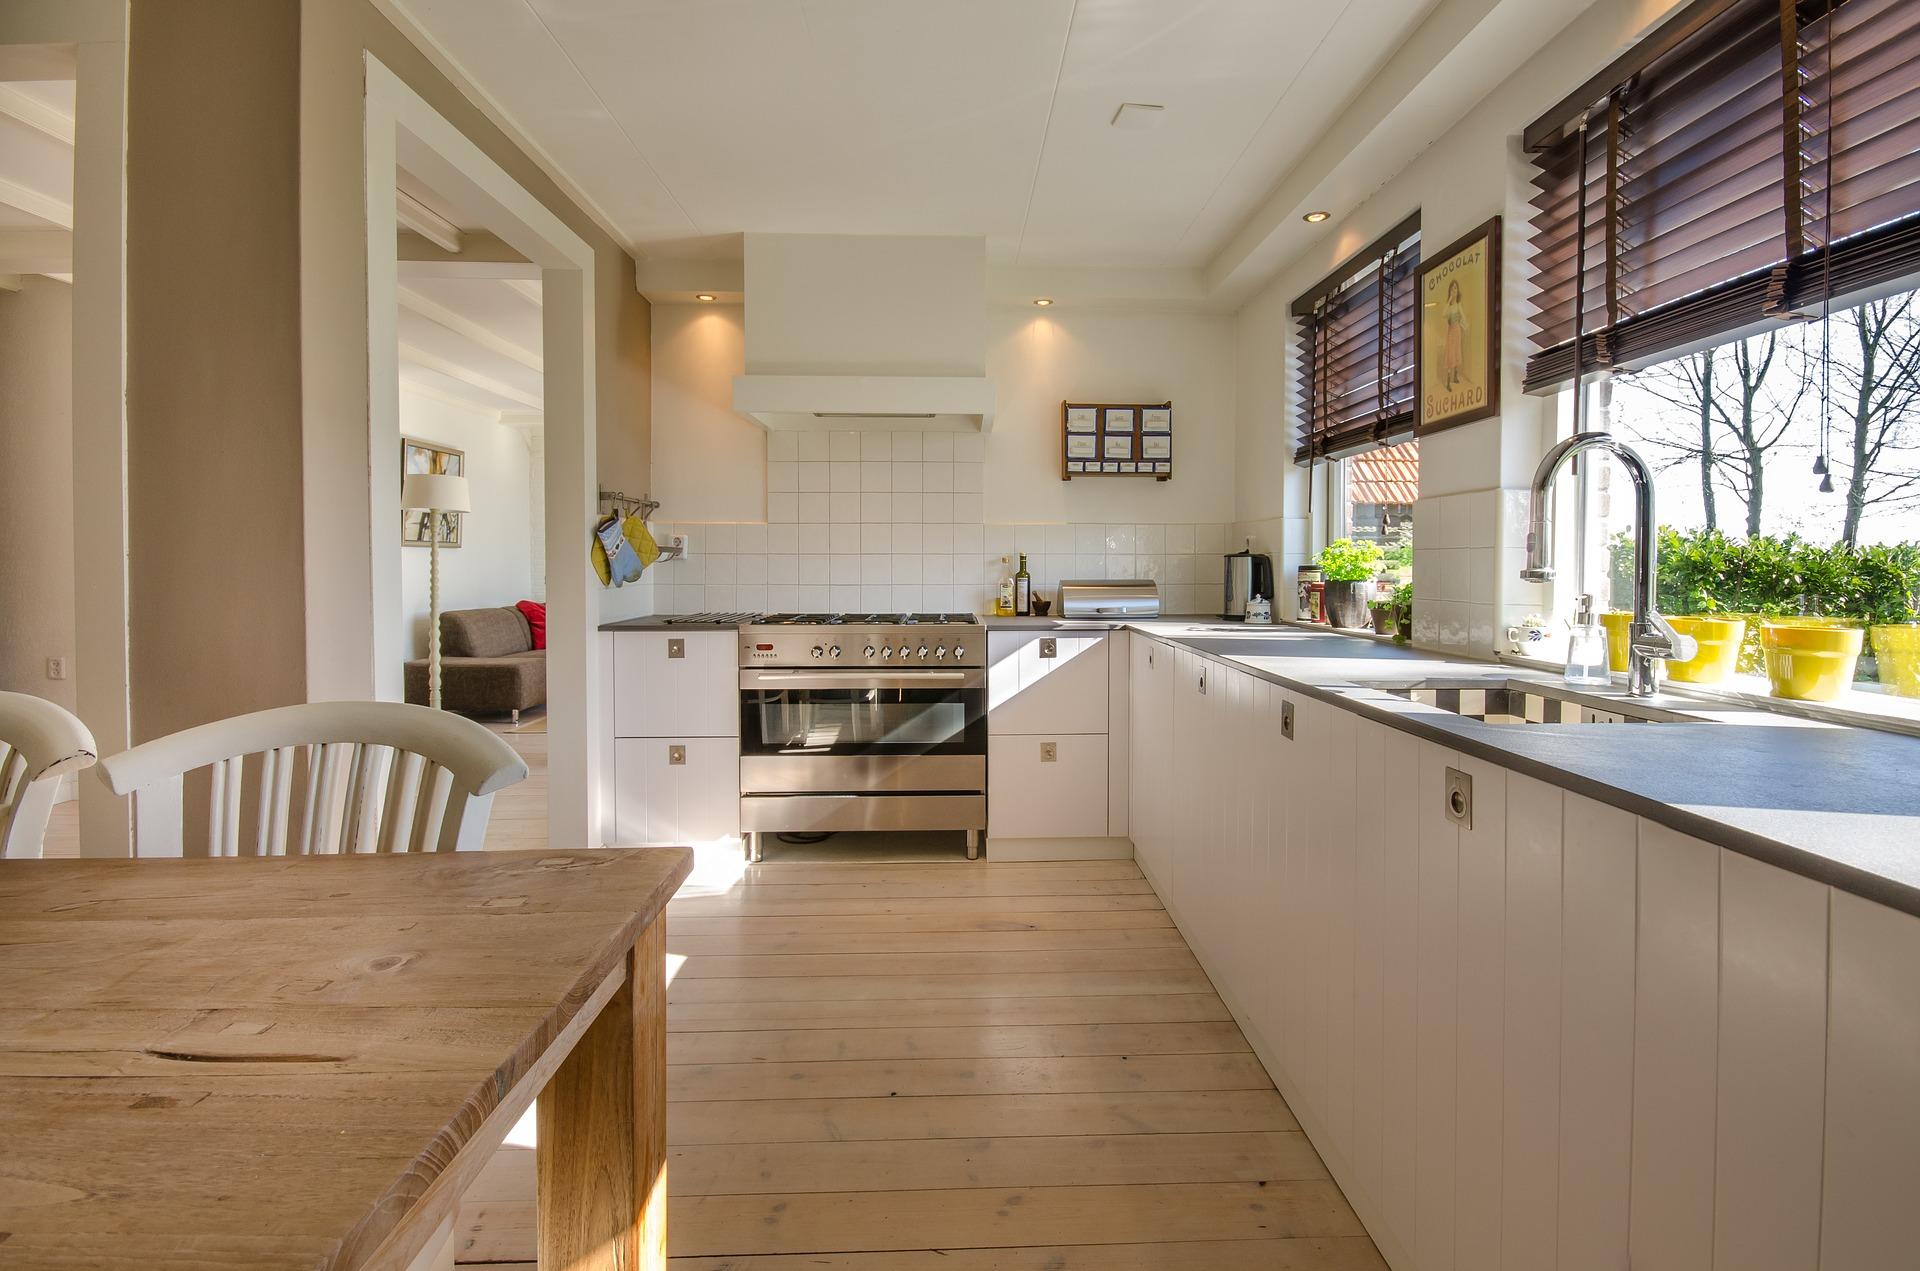 kitchen-2165756_1920.jpg